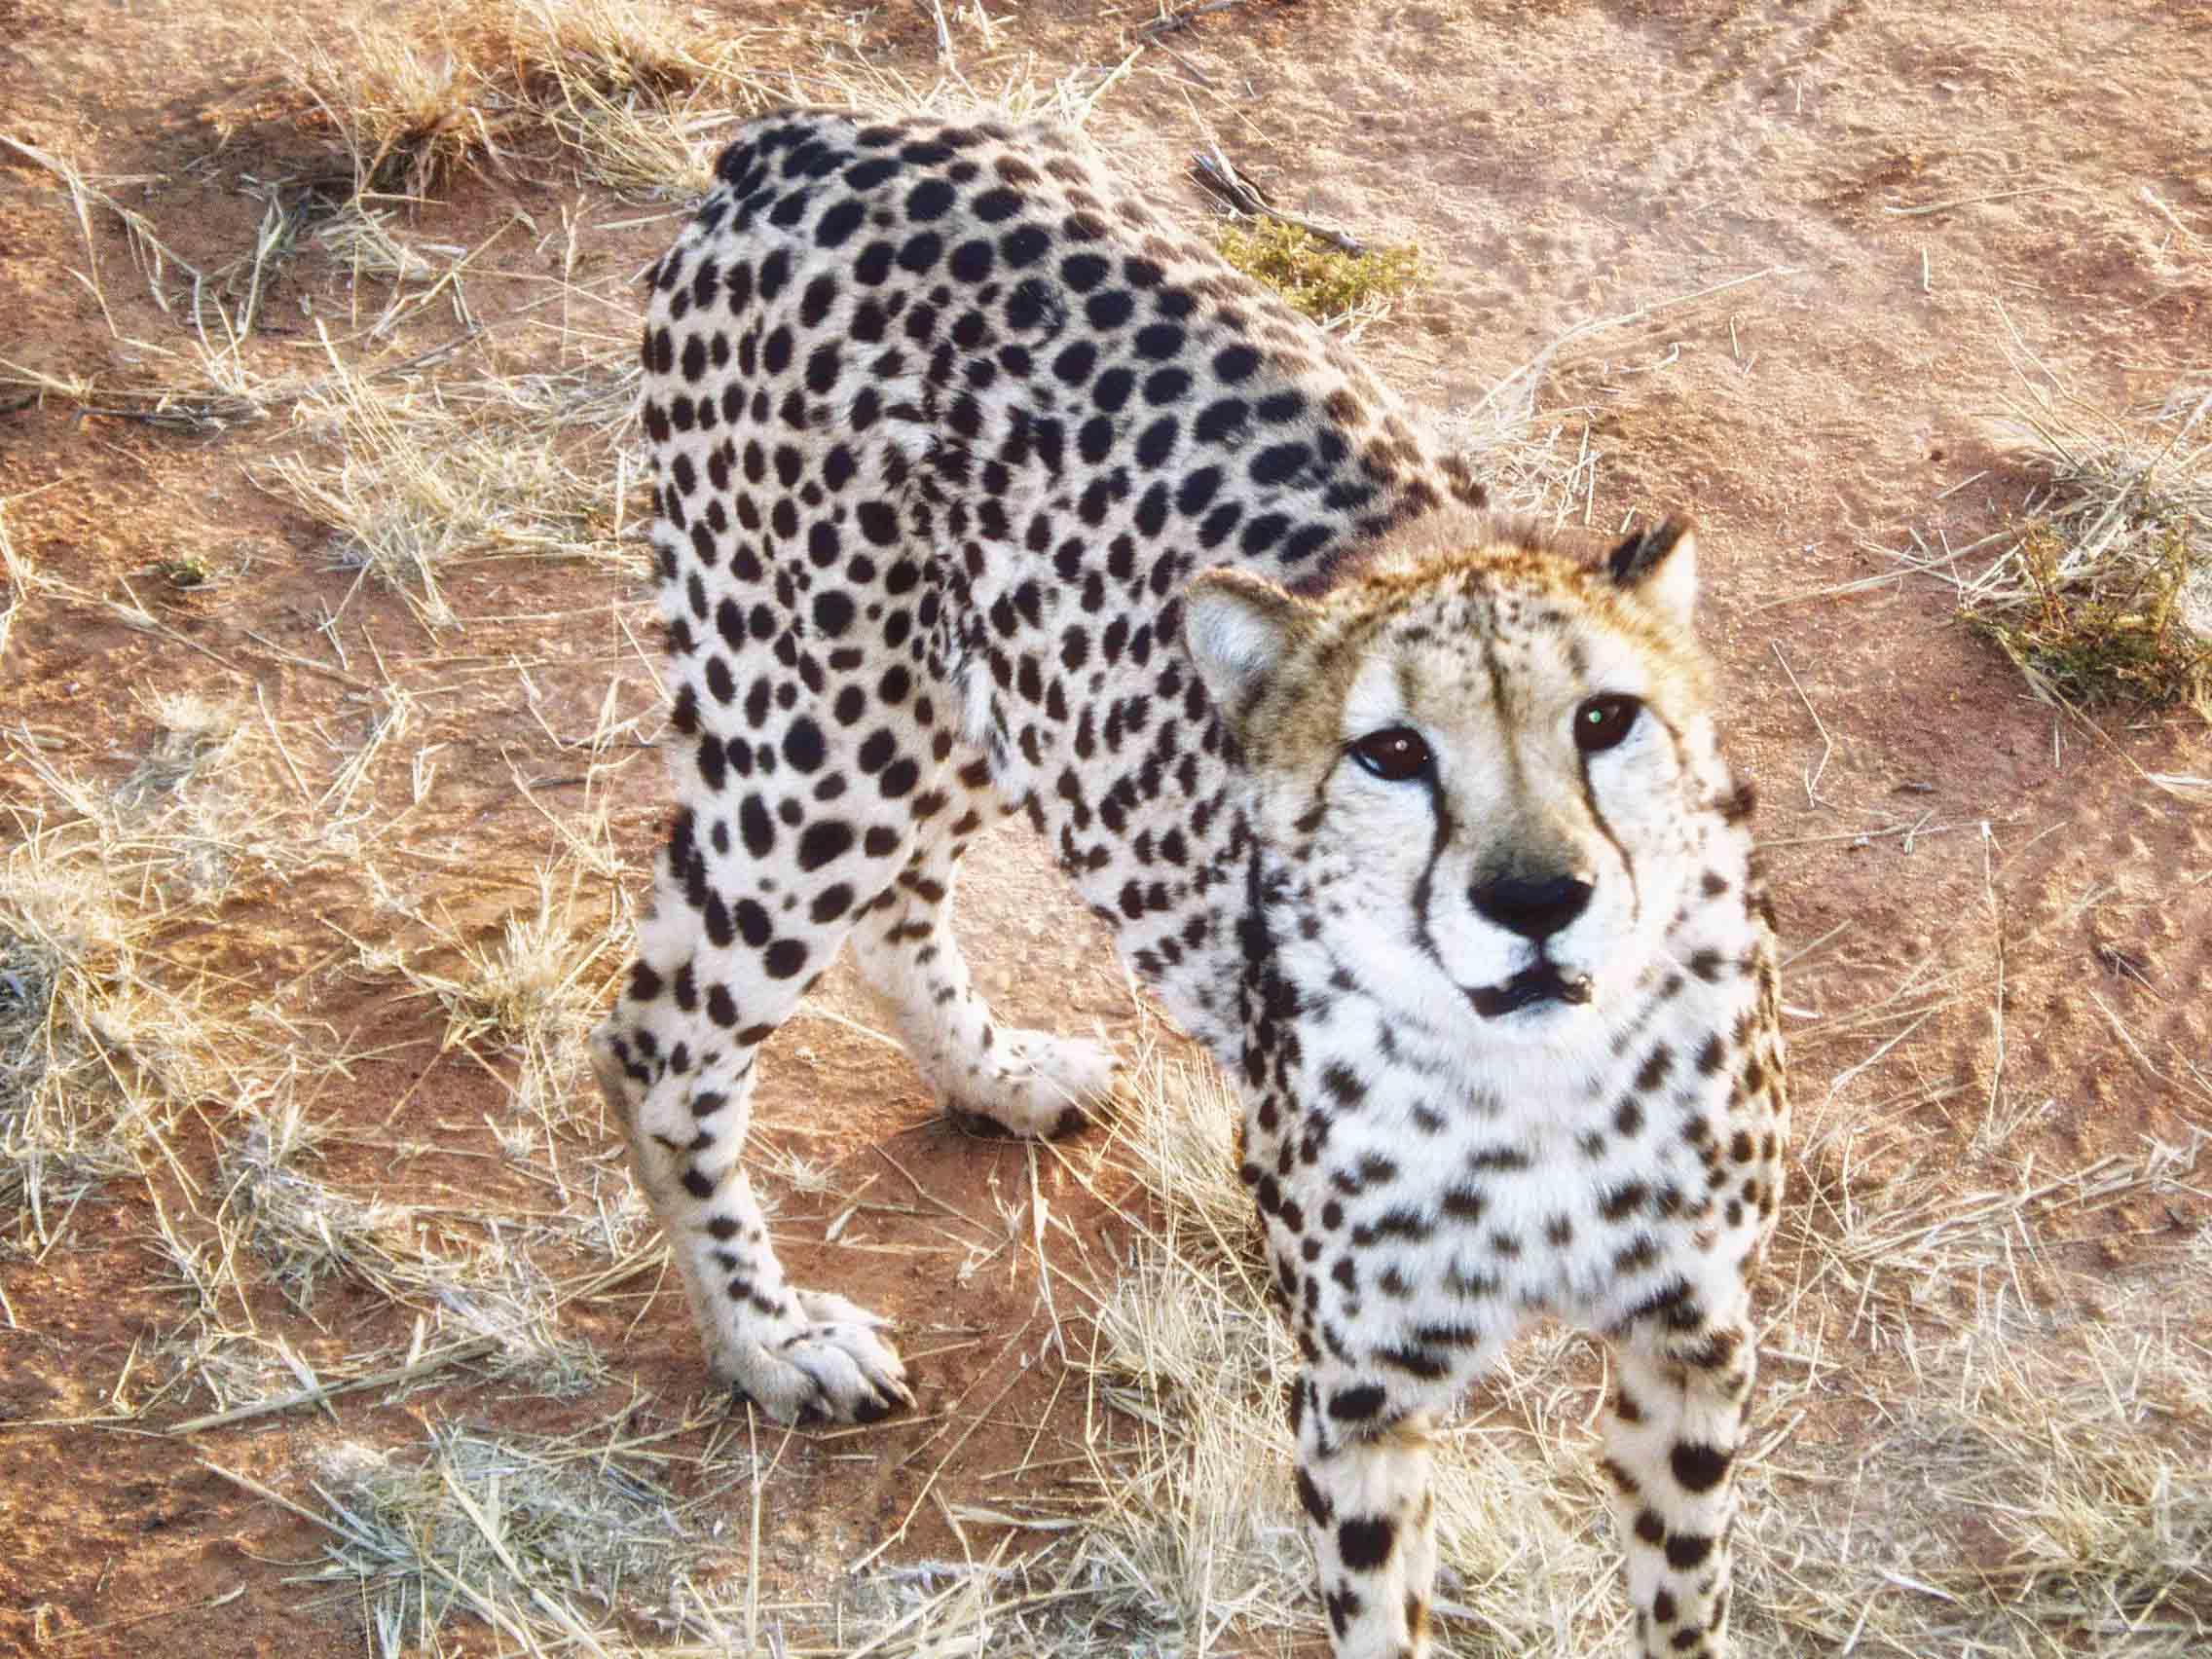 Cheetah looking up at camera